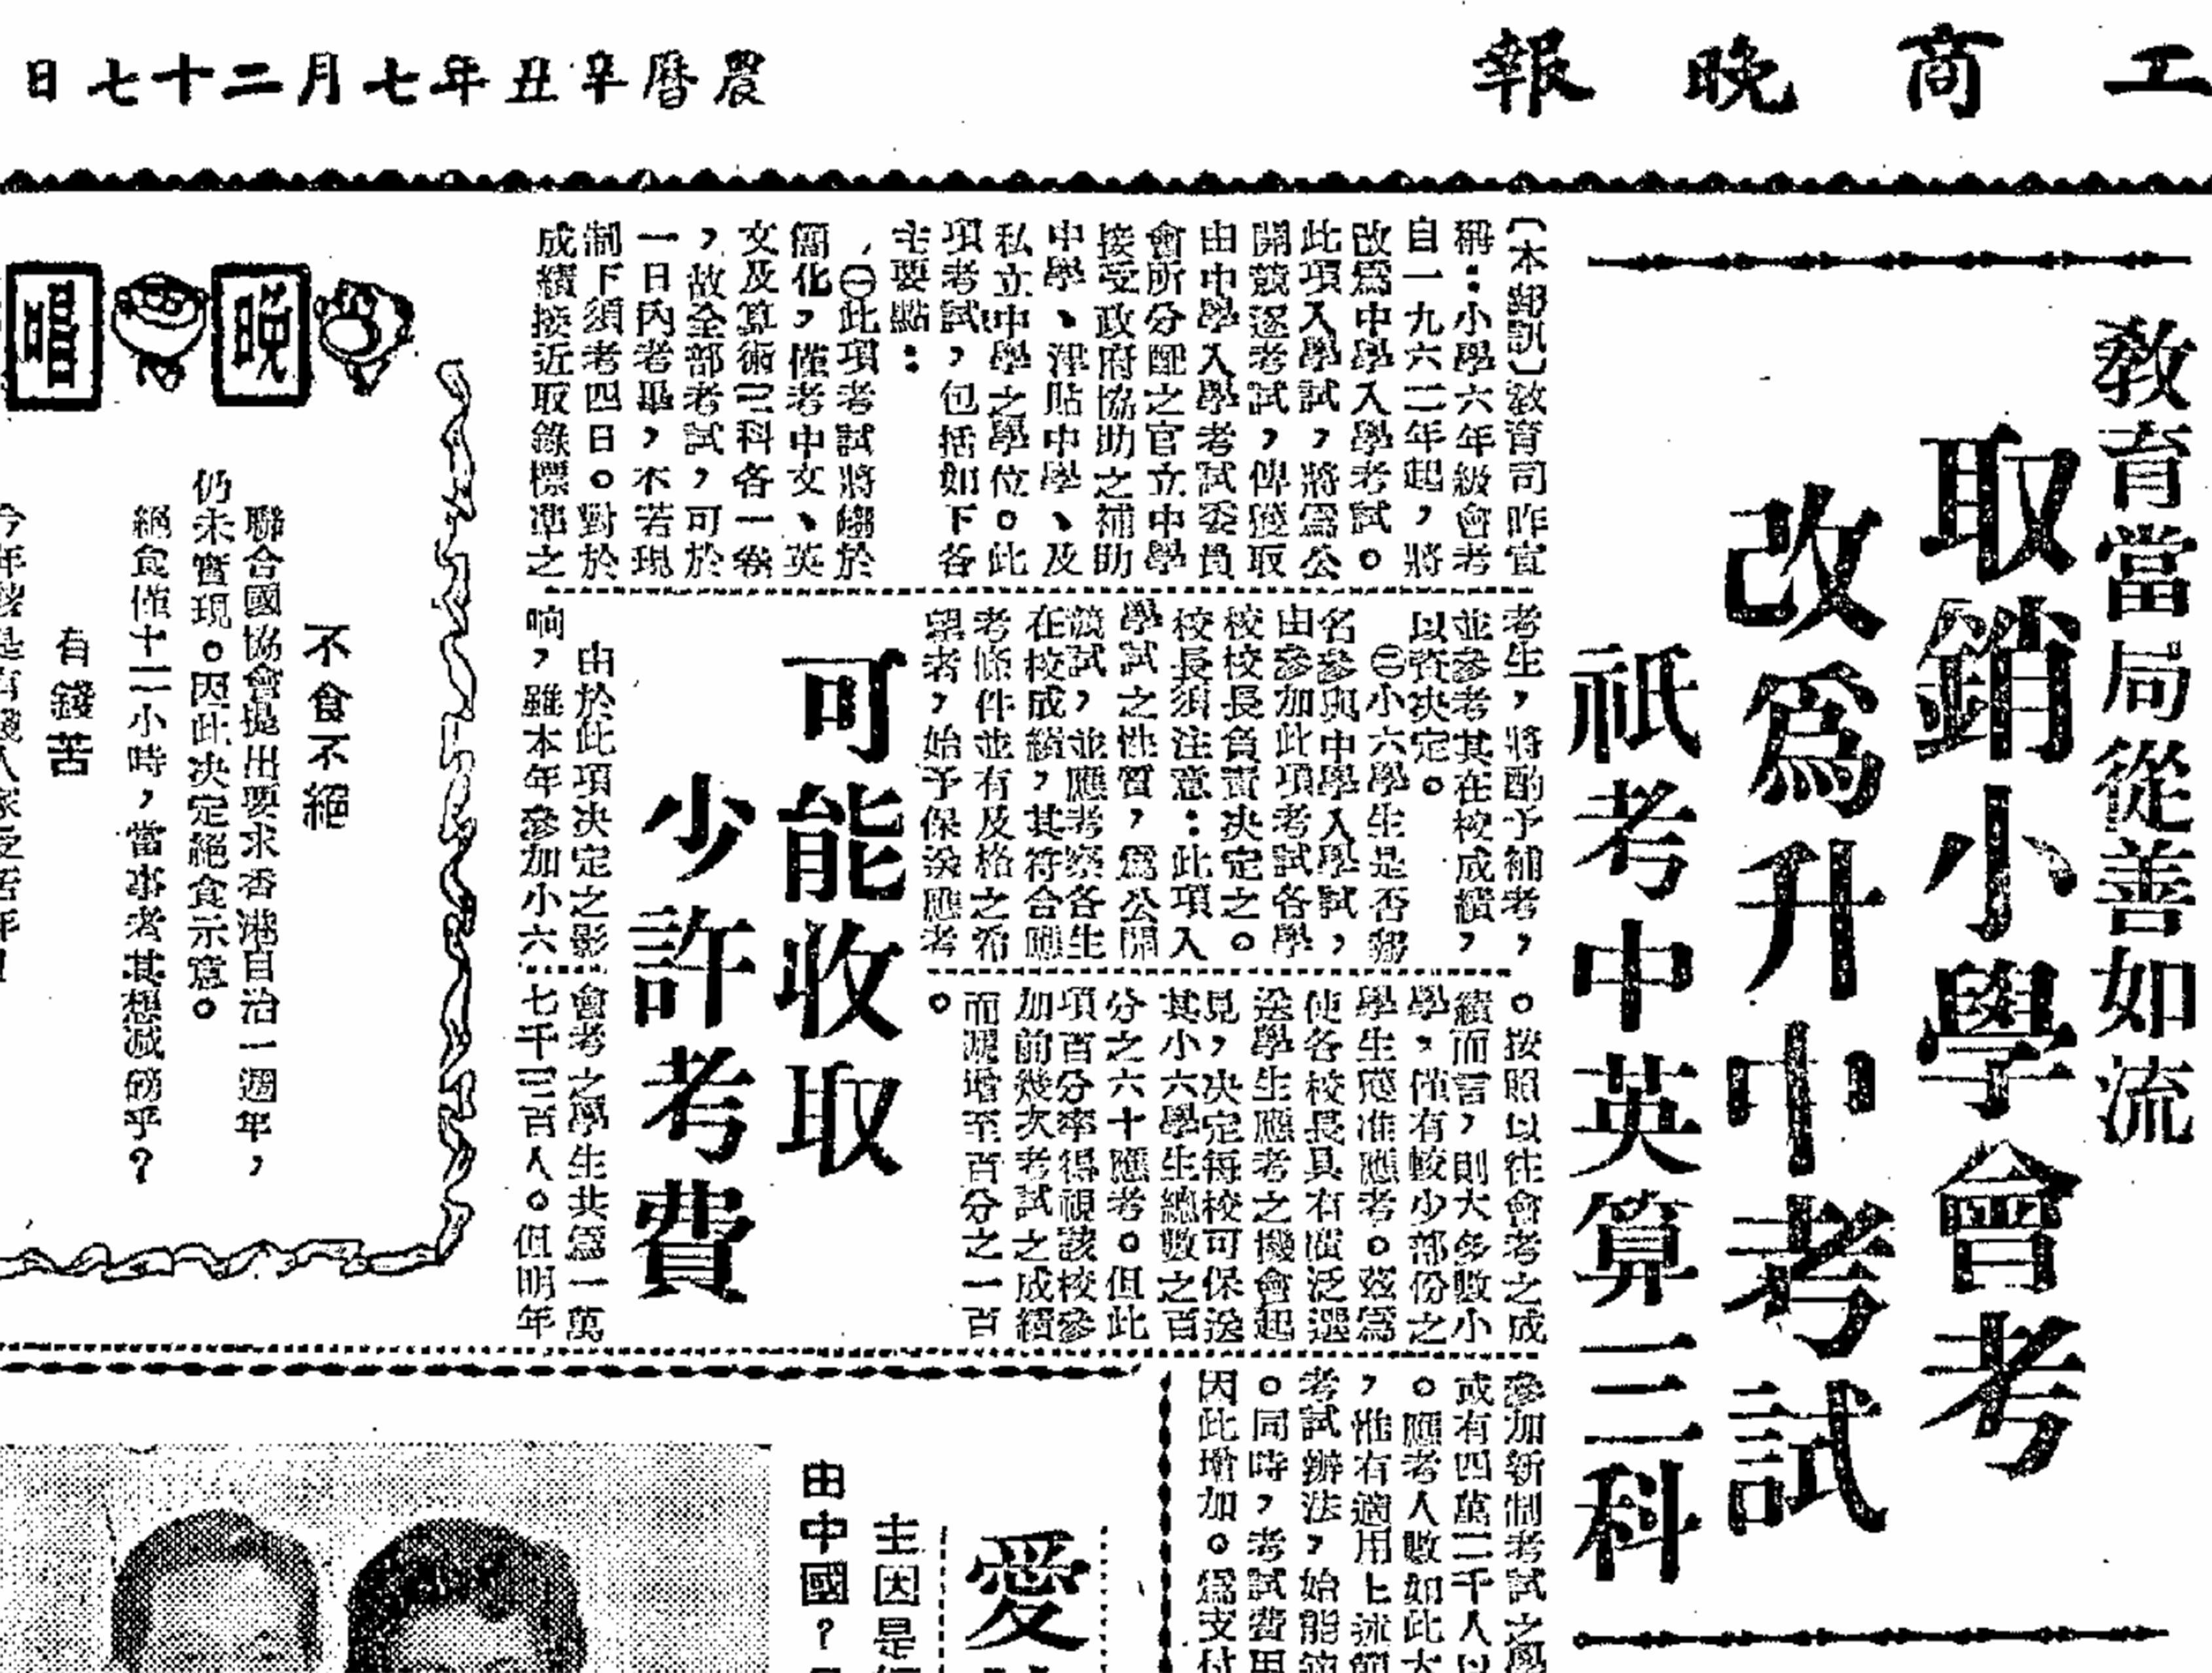 http://ubeat.com.cuhk.edu.hk/wp-content/uploads/2018/135_hkhistory_examchange.jpg